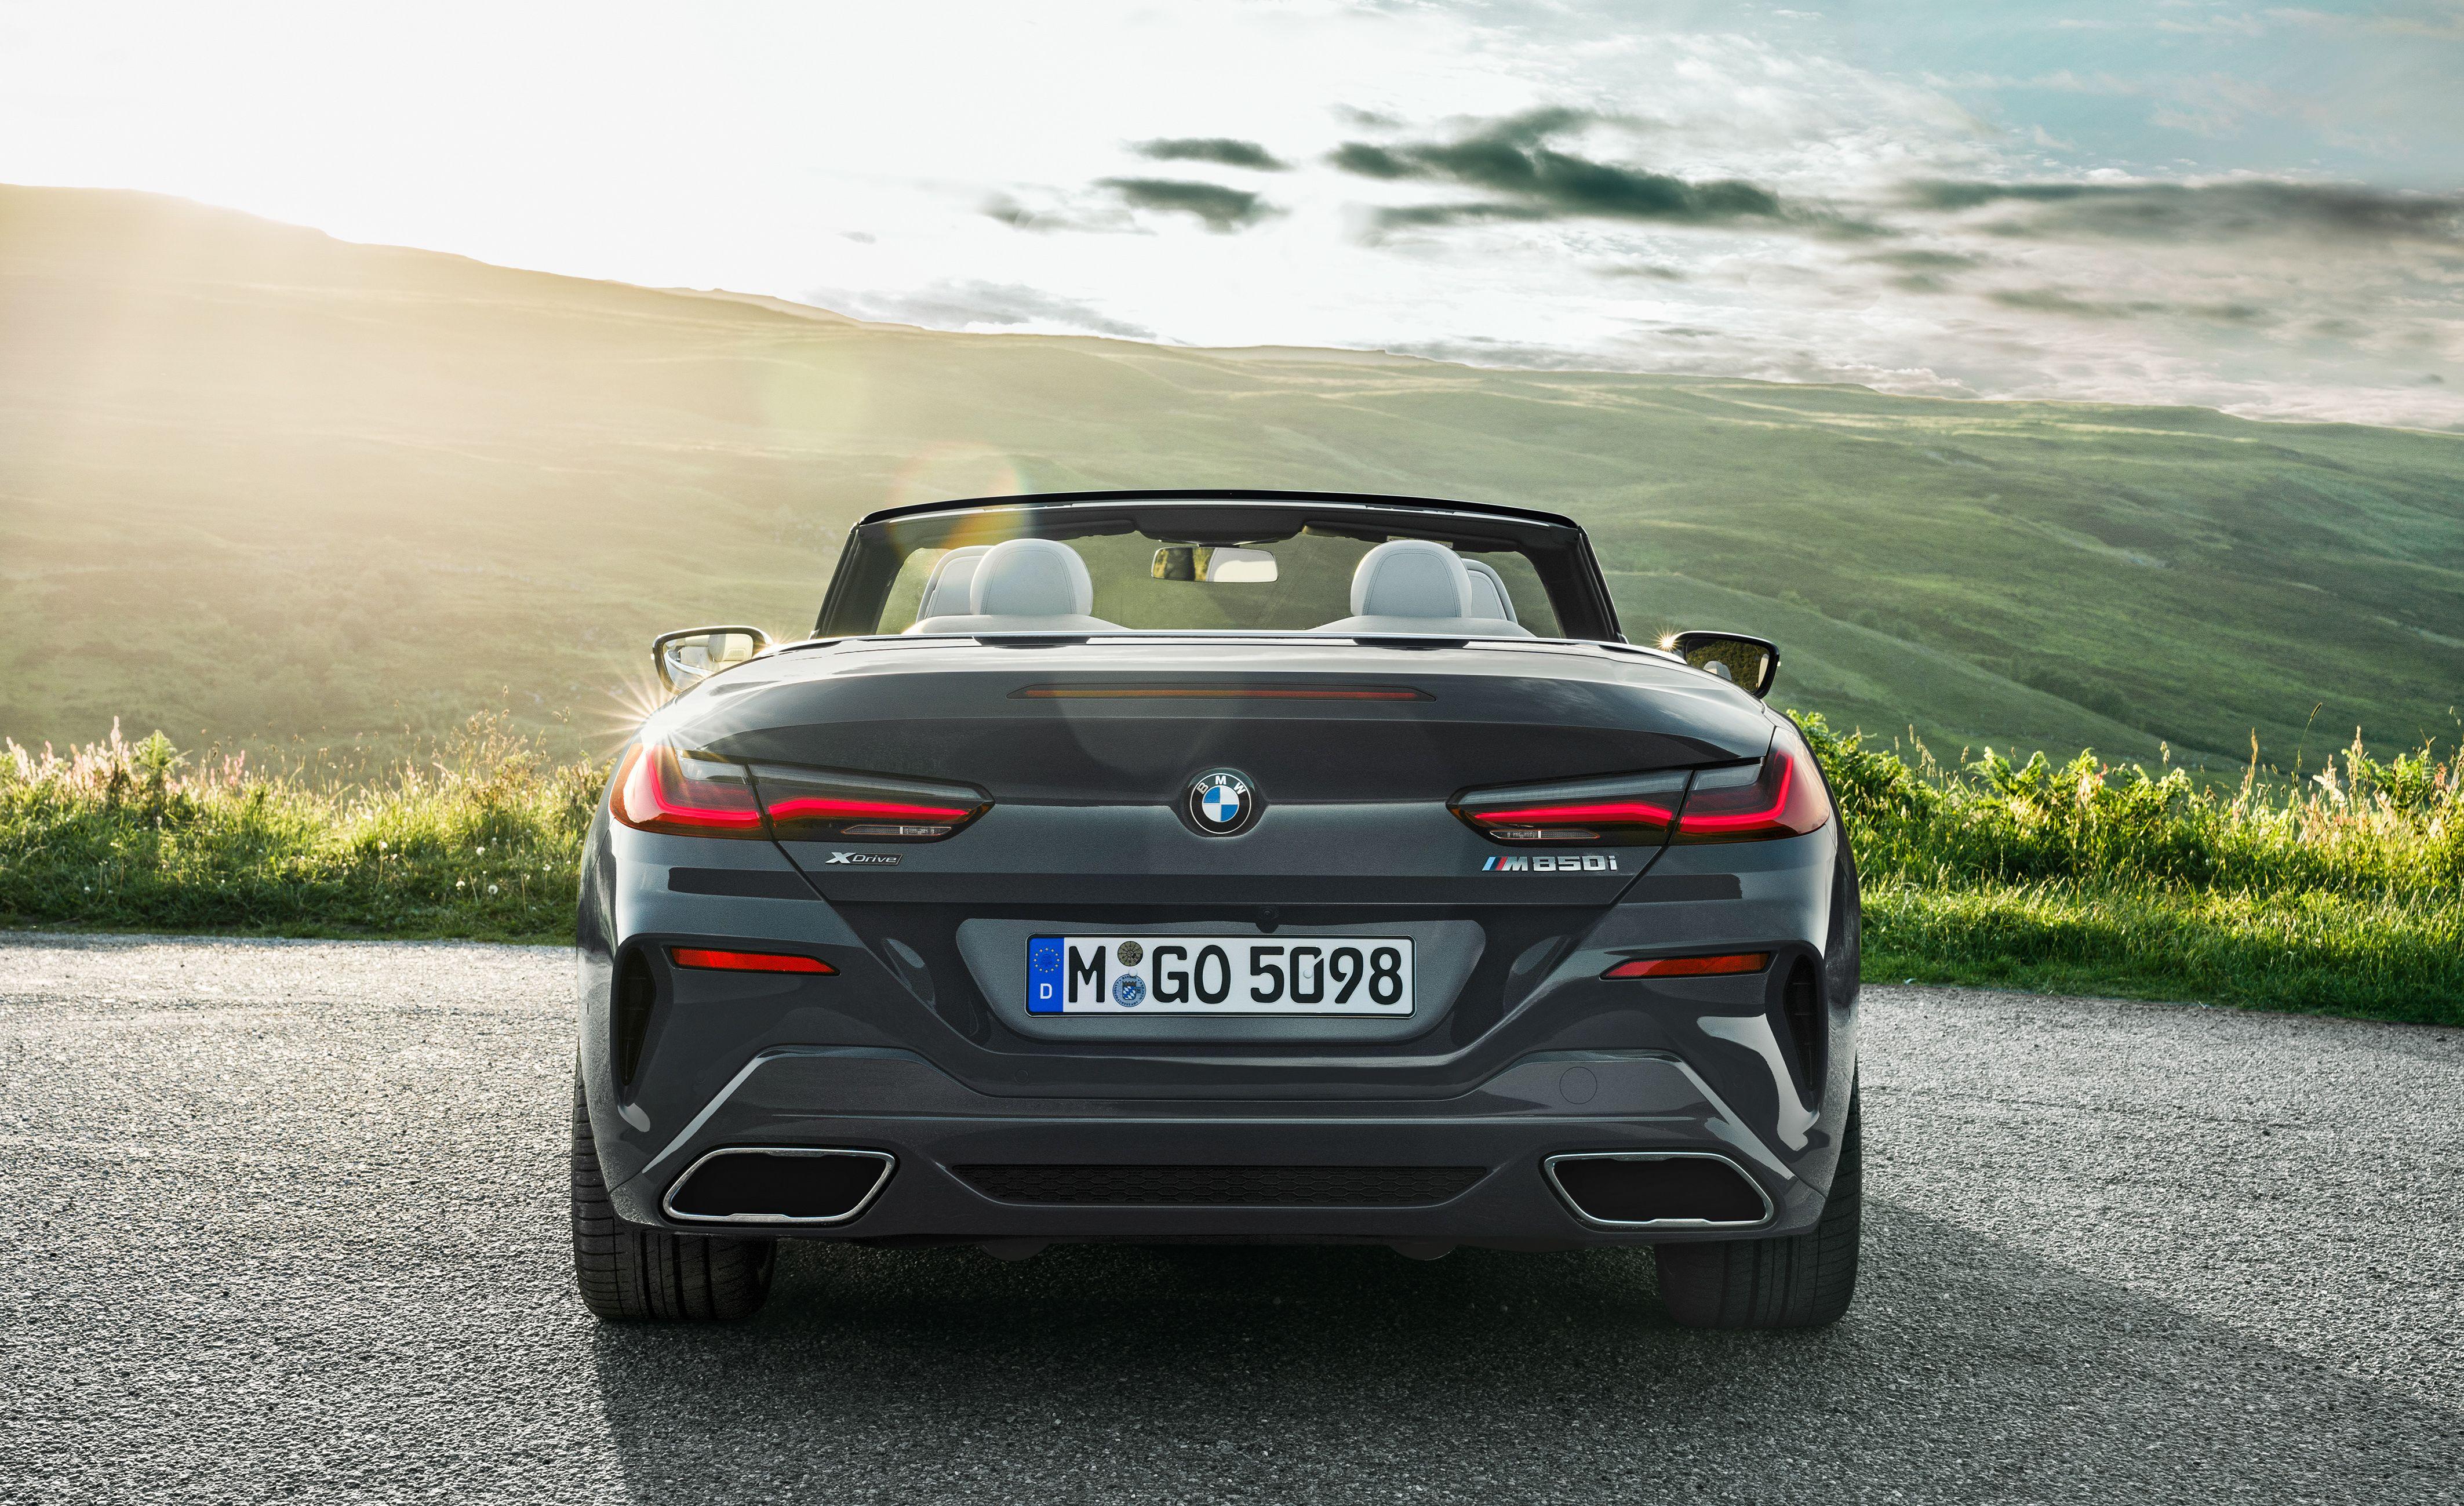 למעלה 2019 BMW 8-series Reviews | BMW 8-series Price, Photos, and Specs GJ-02